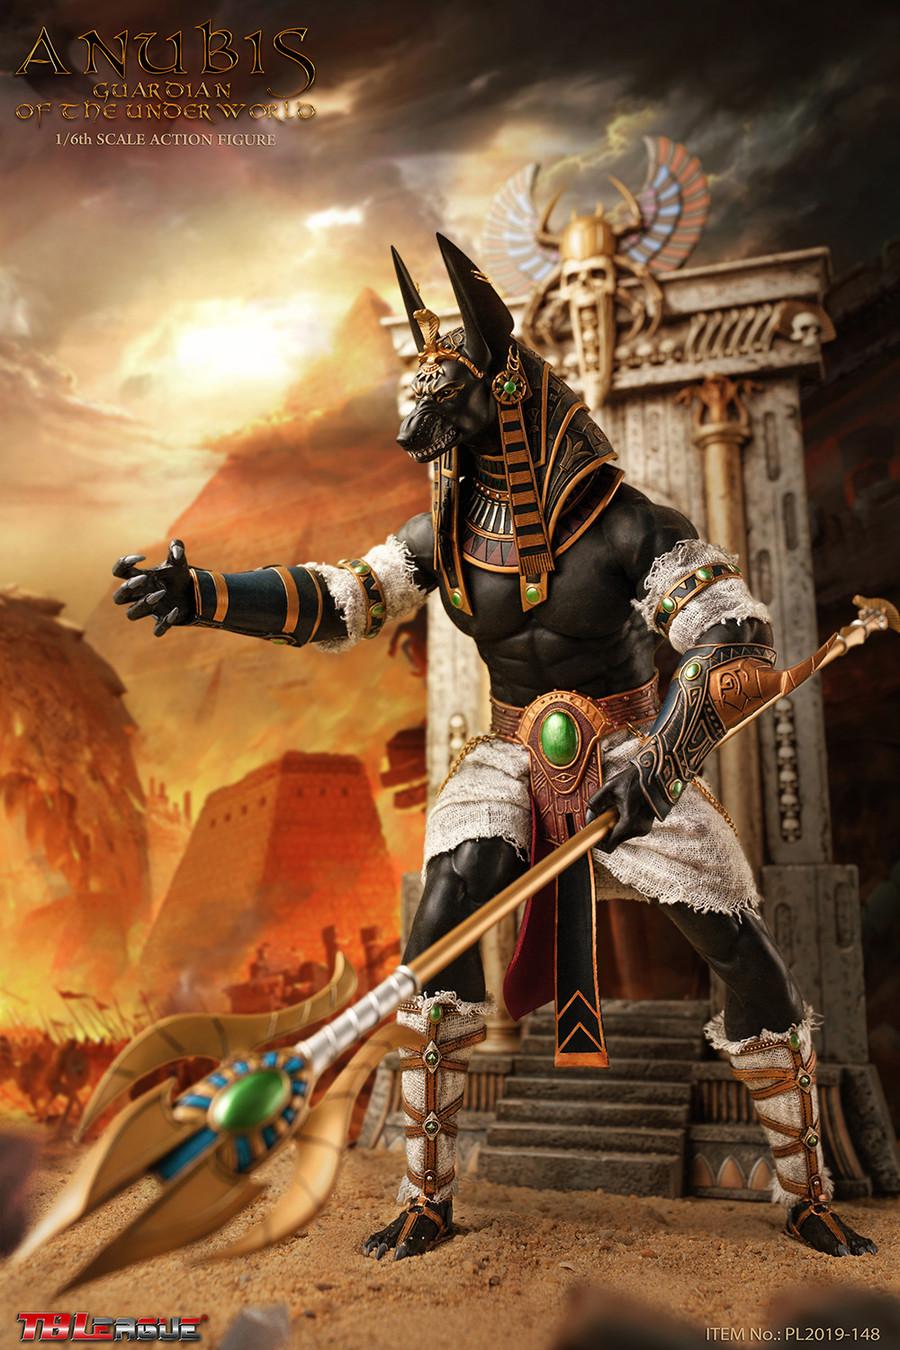 TBLeague - Anubis Guardian of The Underworld